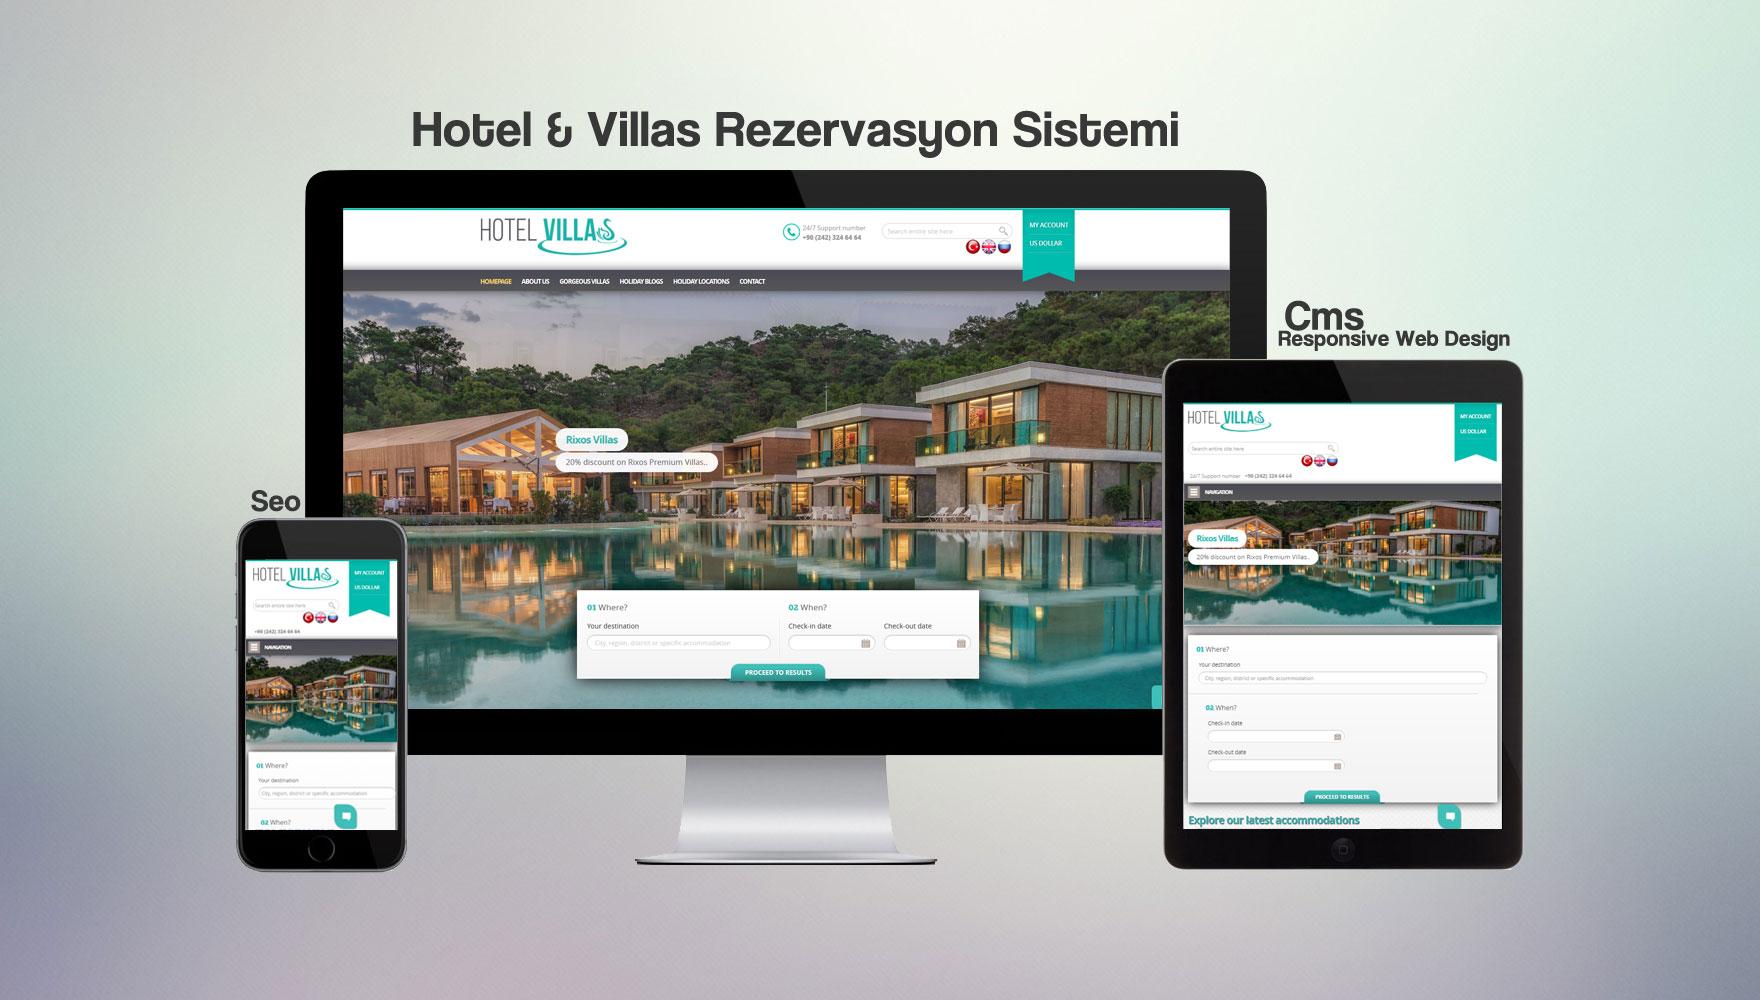 Hotel & Villas Rezervasyon Sistemi